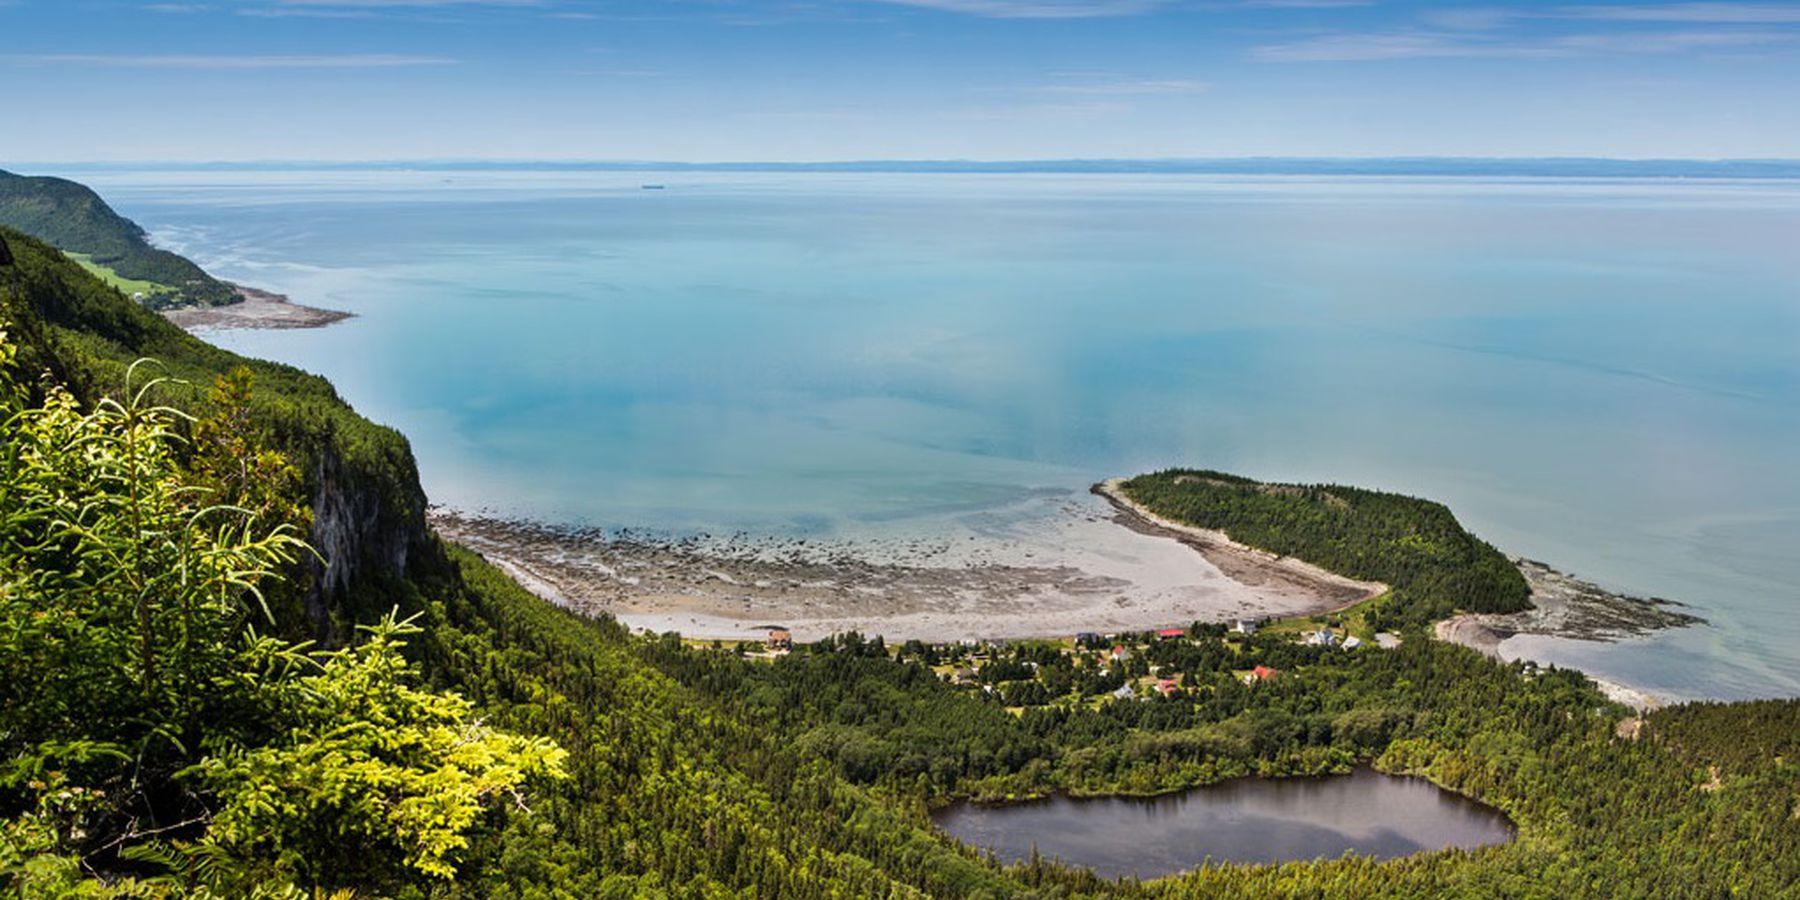 Parc National du Bic - Quebec - Canada - Doets Reizen